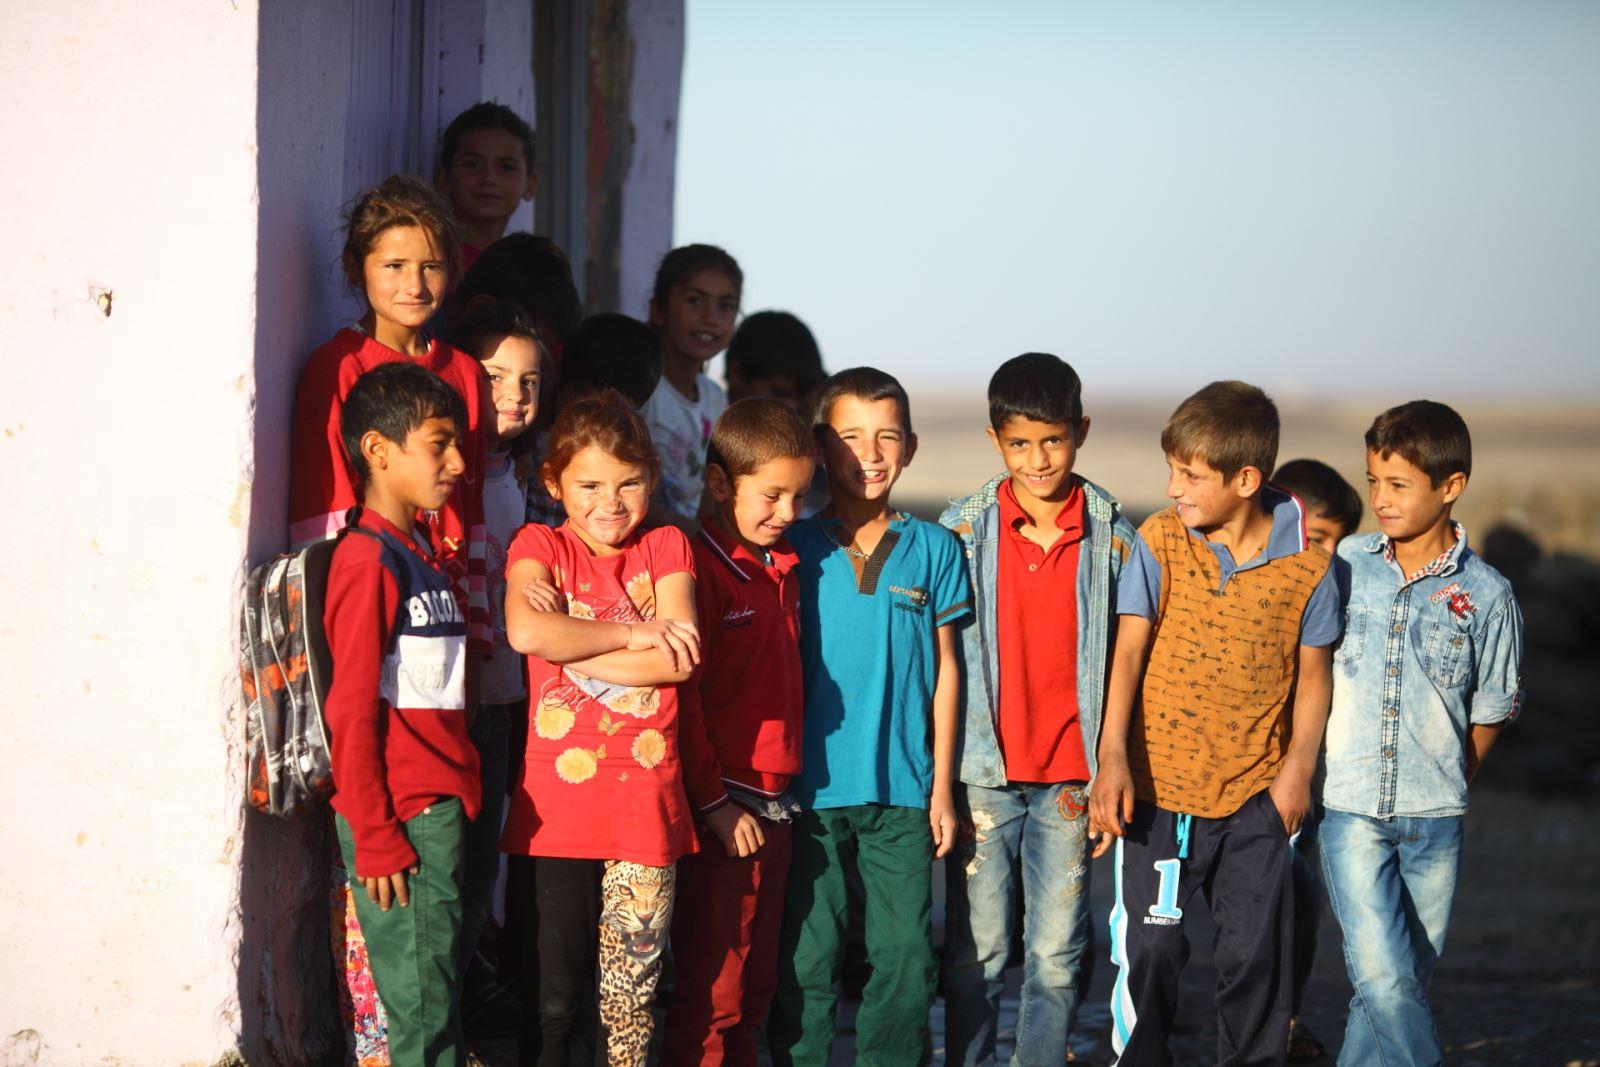 Umudun Adı: İlker Kül Ve 1000 Motorcu 1000 Çocuk Projesi 16. İçerik Fotoğrafı